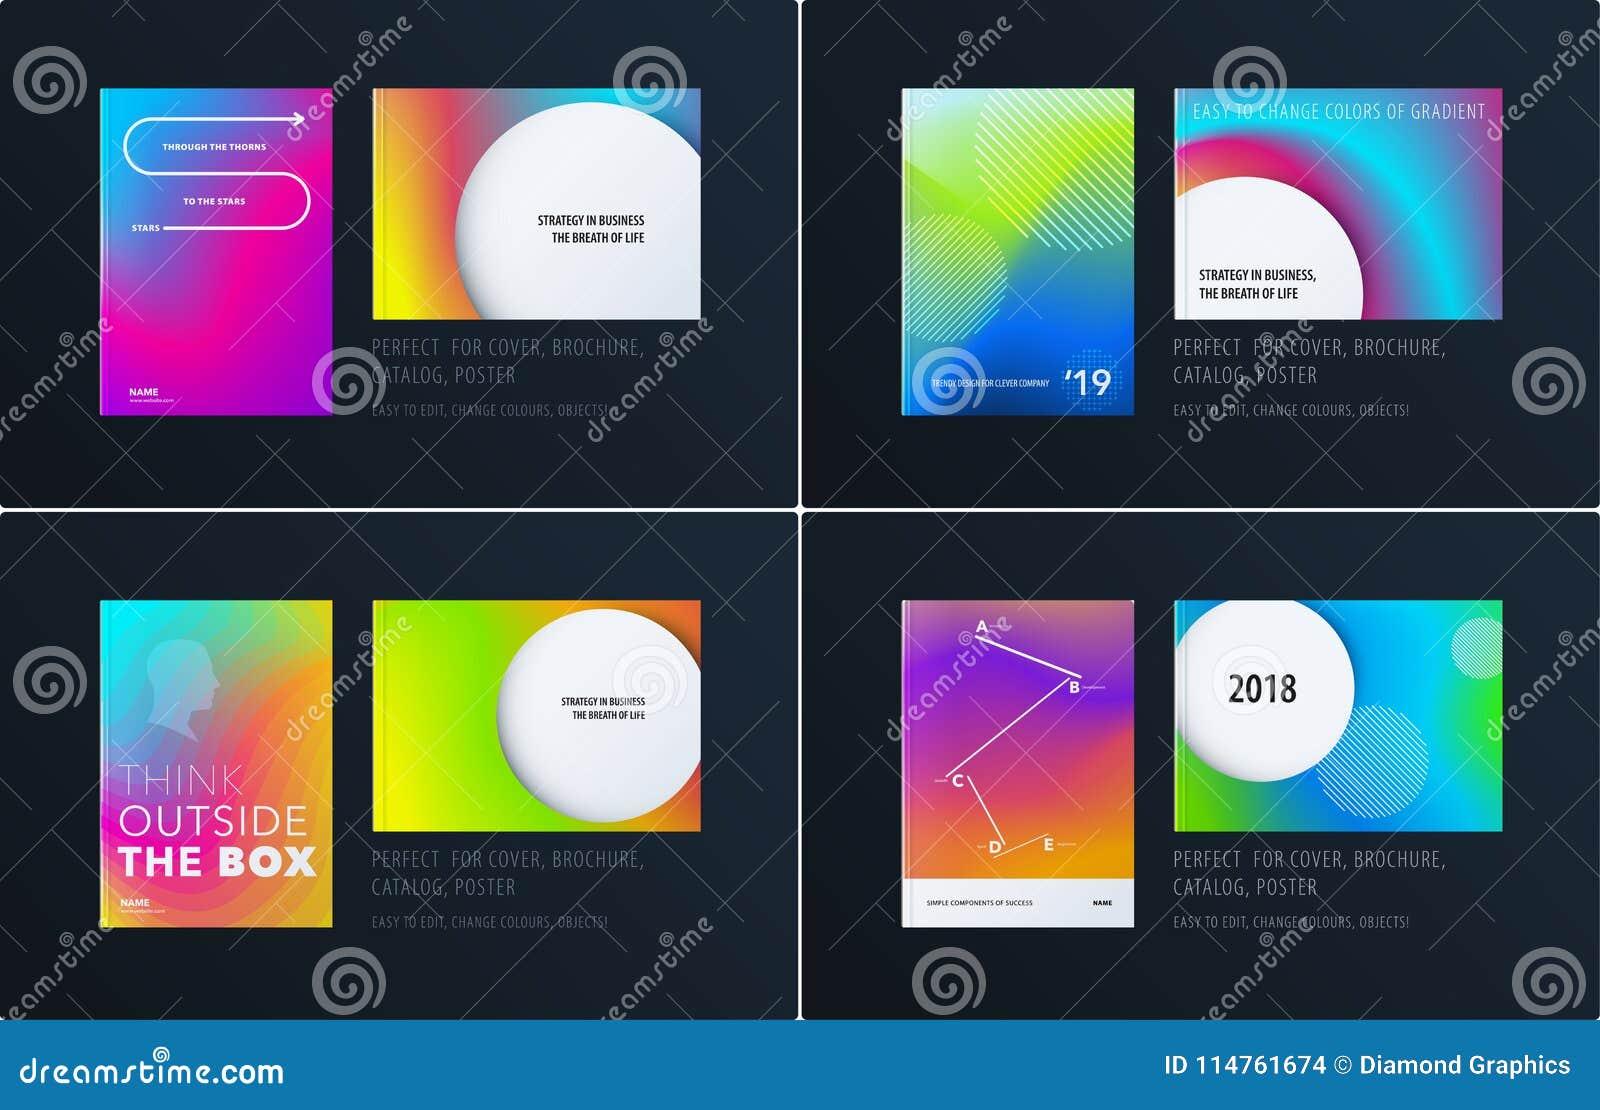 Projeto gráfico colorido abstrato do folheto no estilo líquido fluido com fundo liso borrado jogo